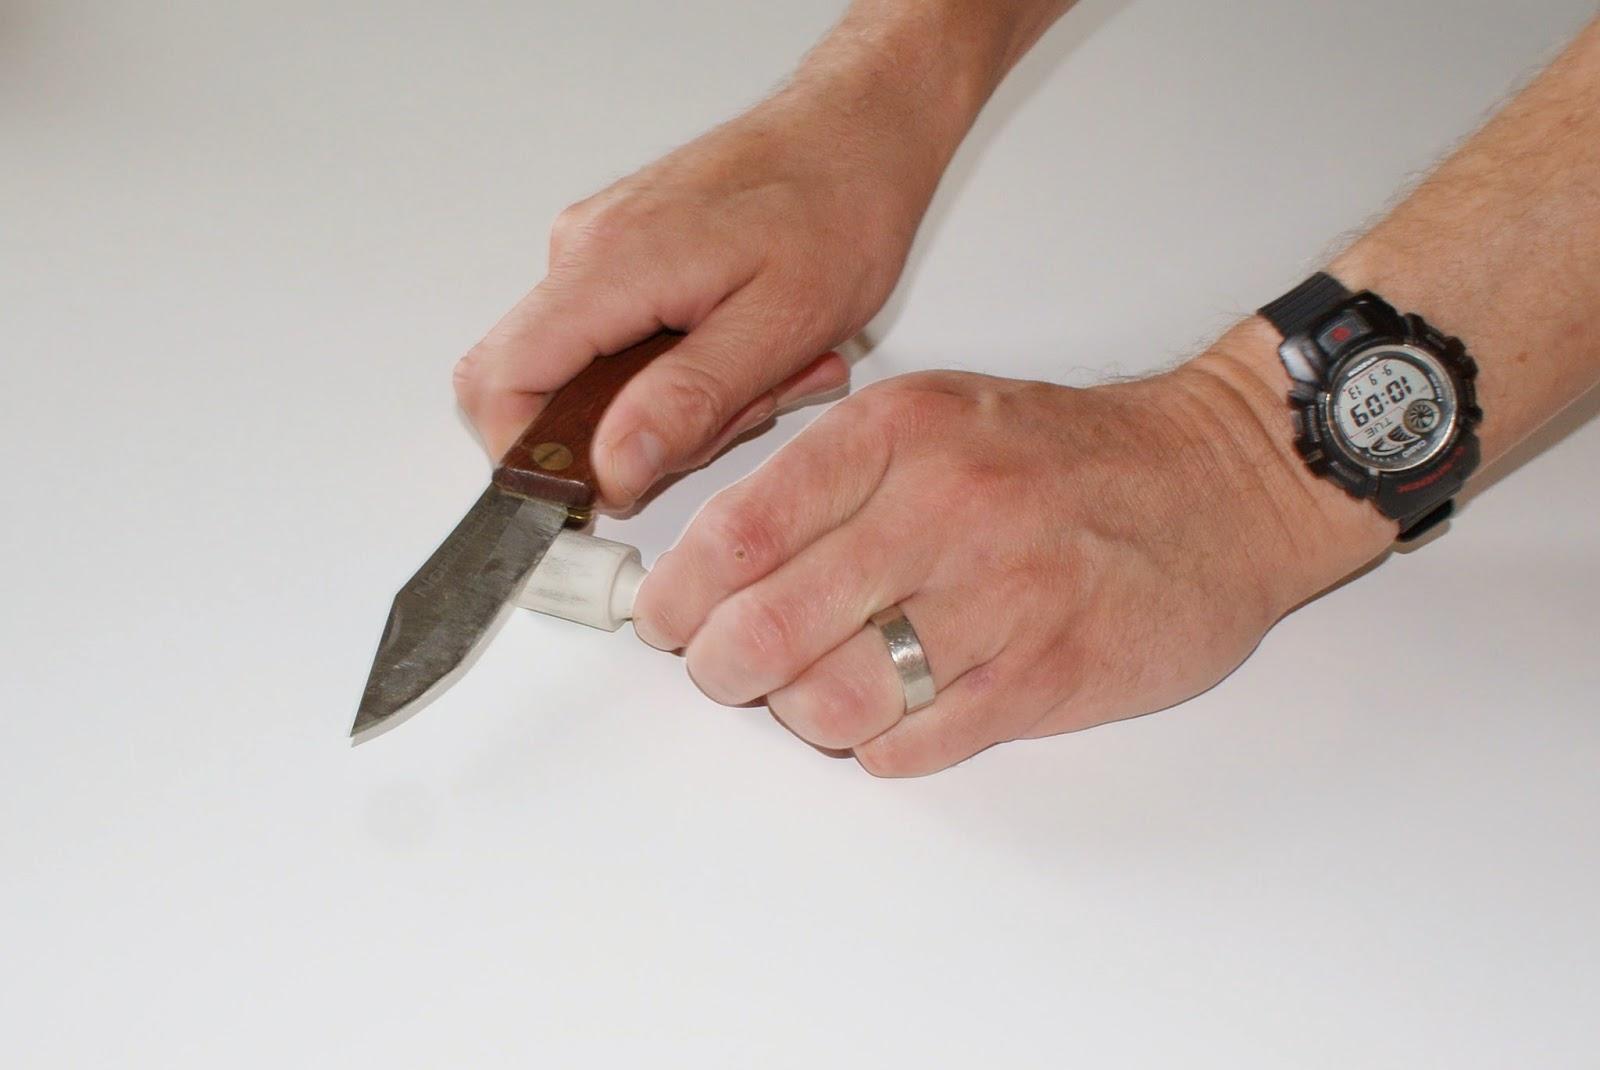 Slipning kniv